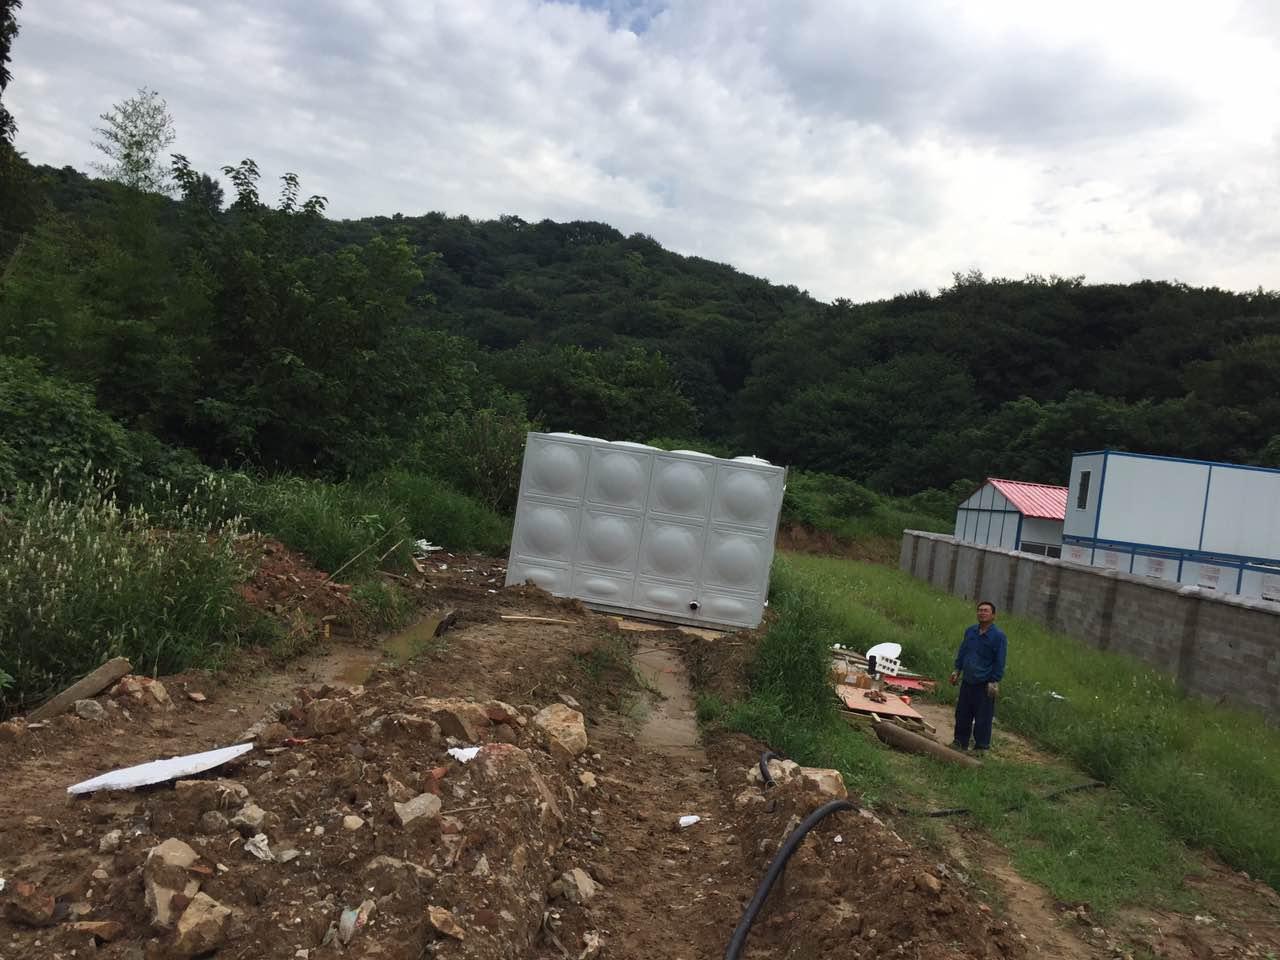 屋顶箱泵一体化图集WHDXBF-18-18/3.6-30-I